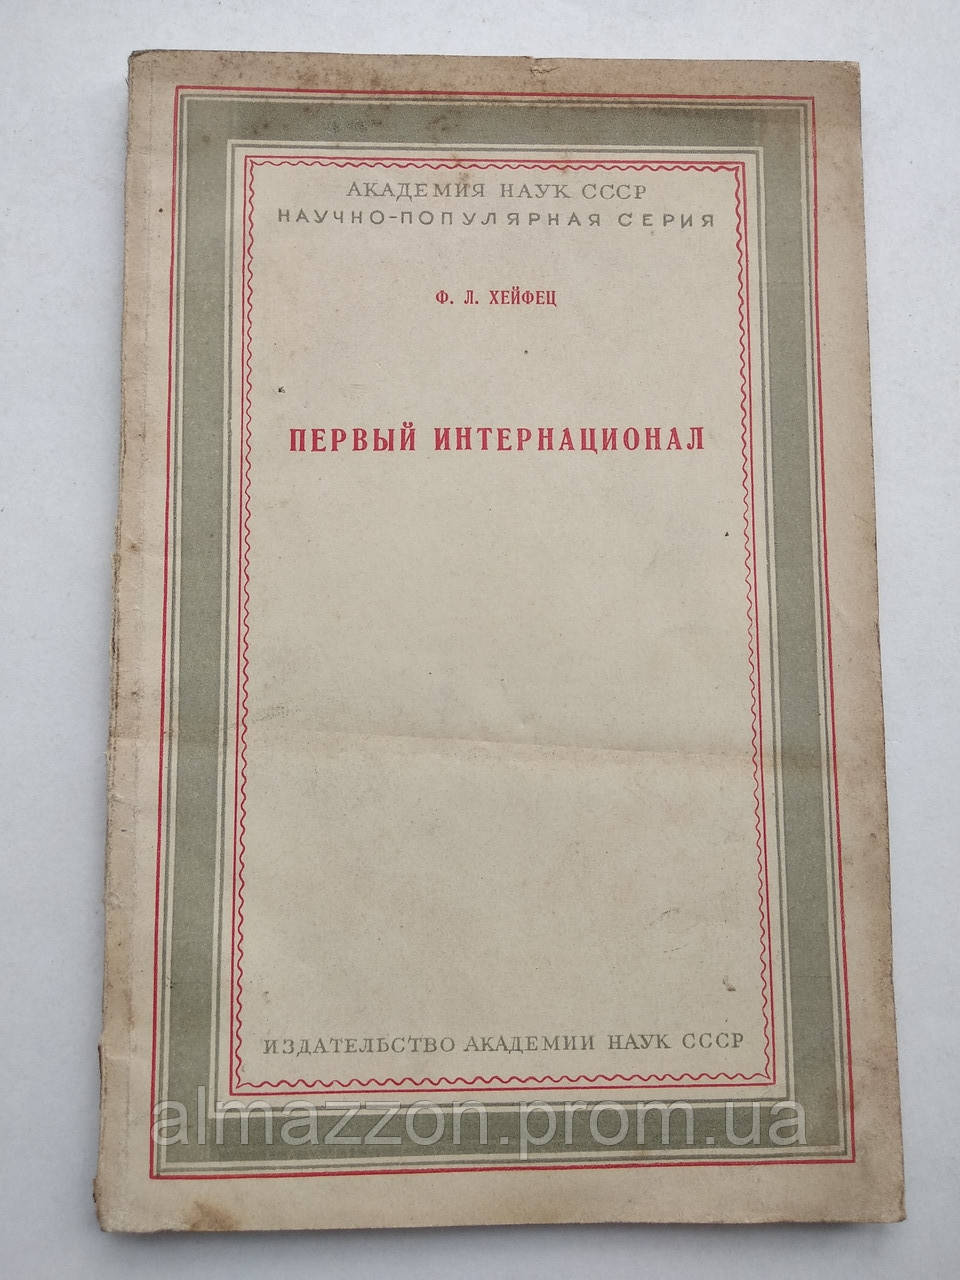 Первый интернационал Ф.Хейфец 1941 год